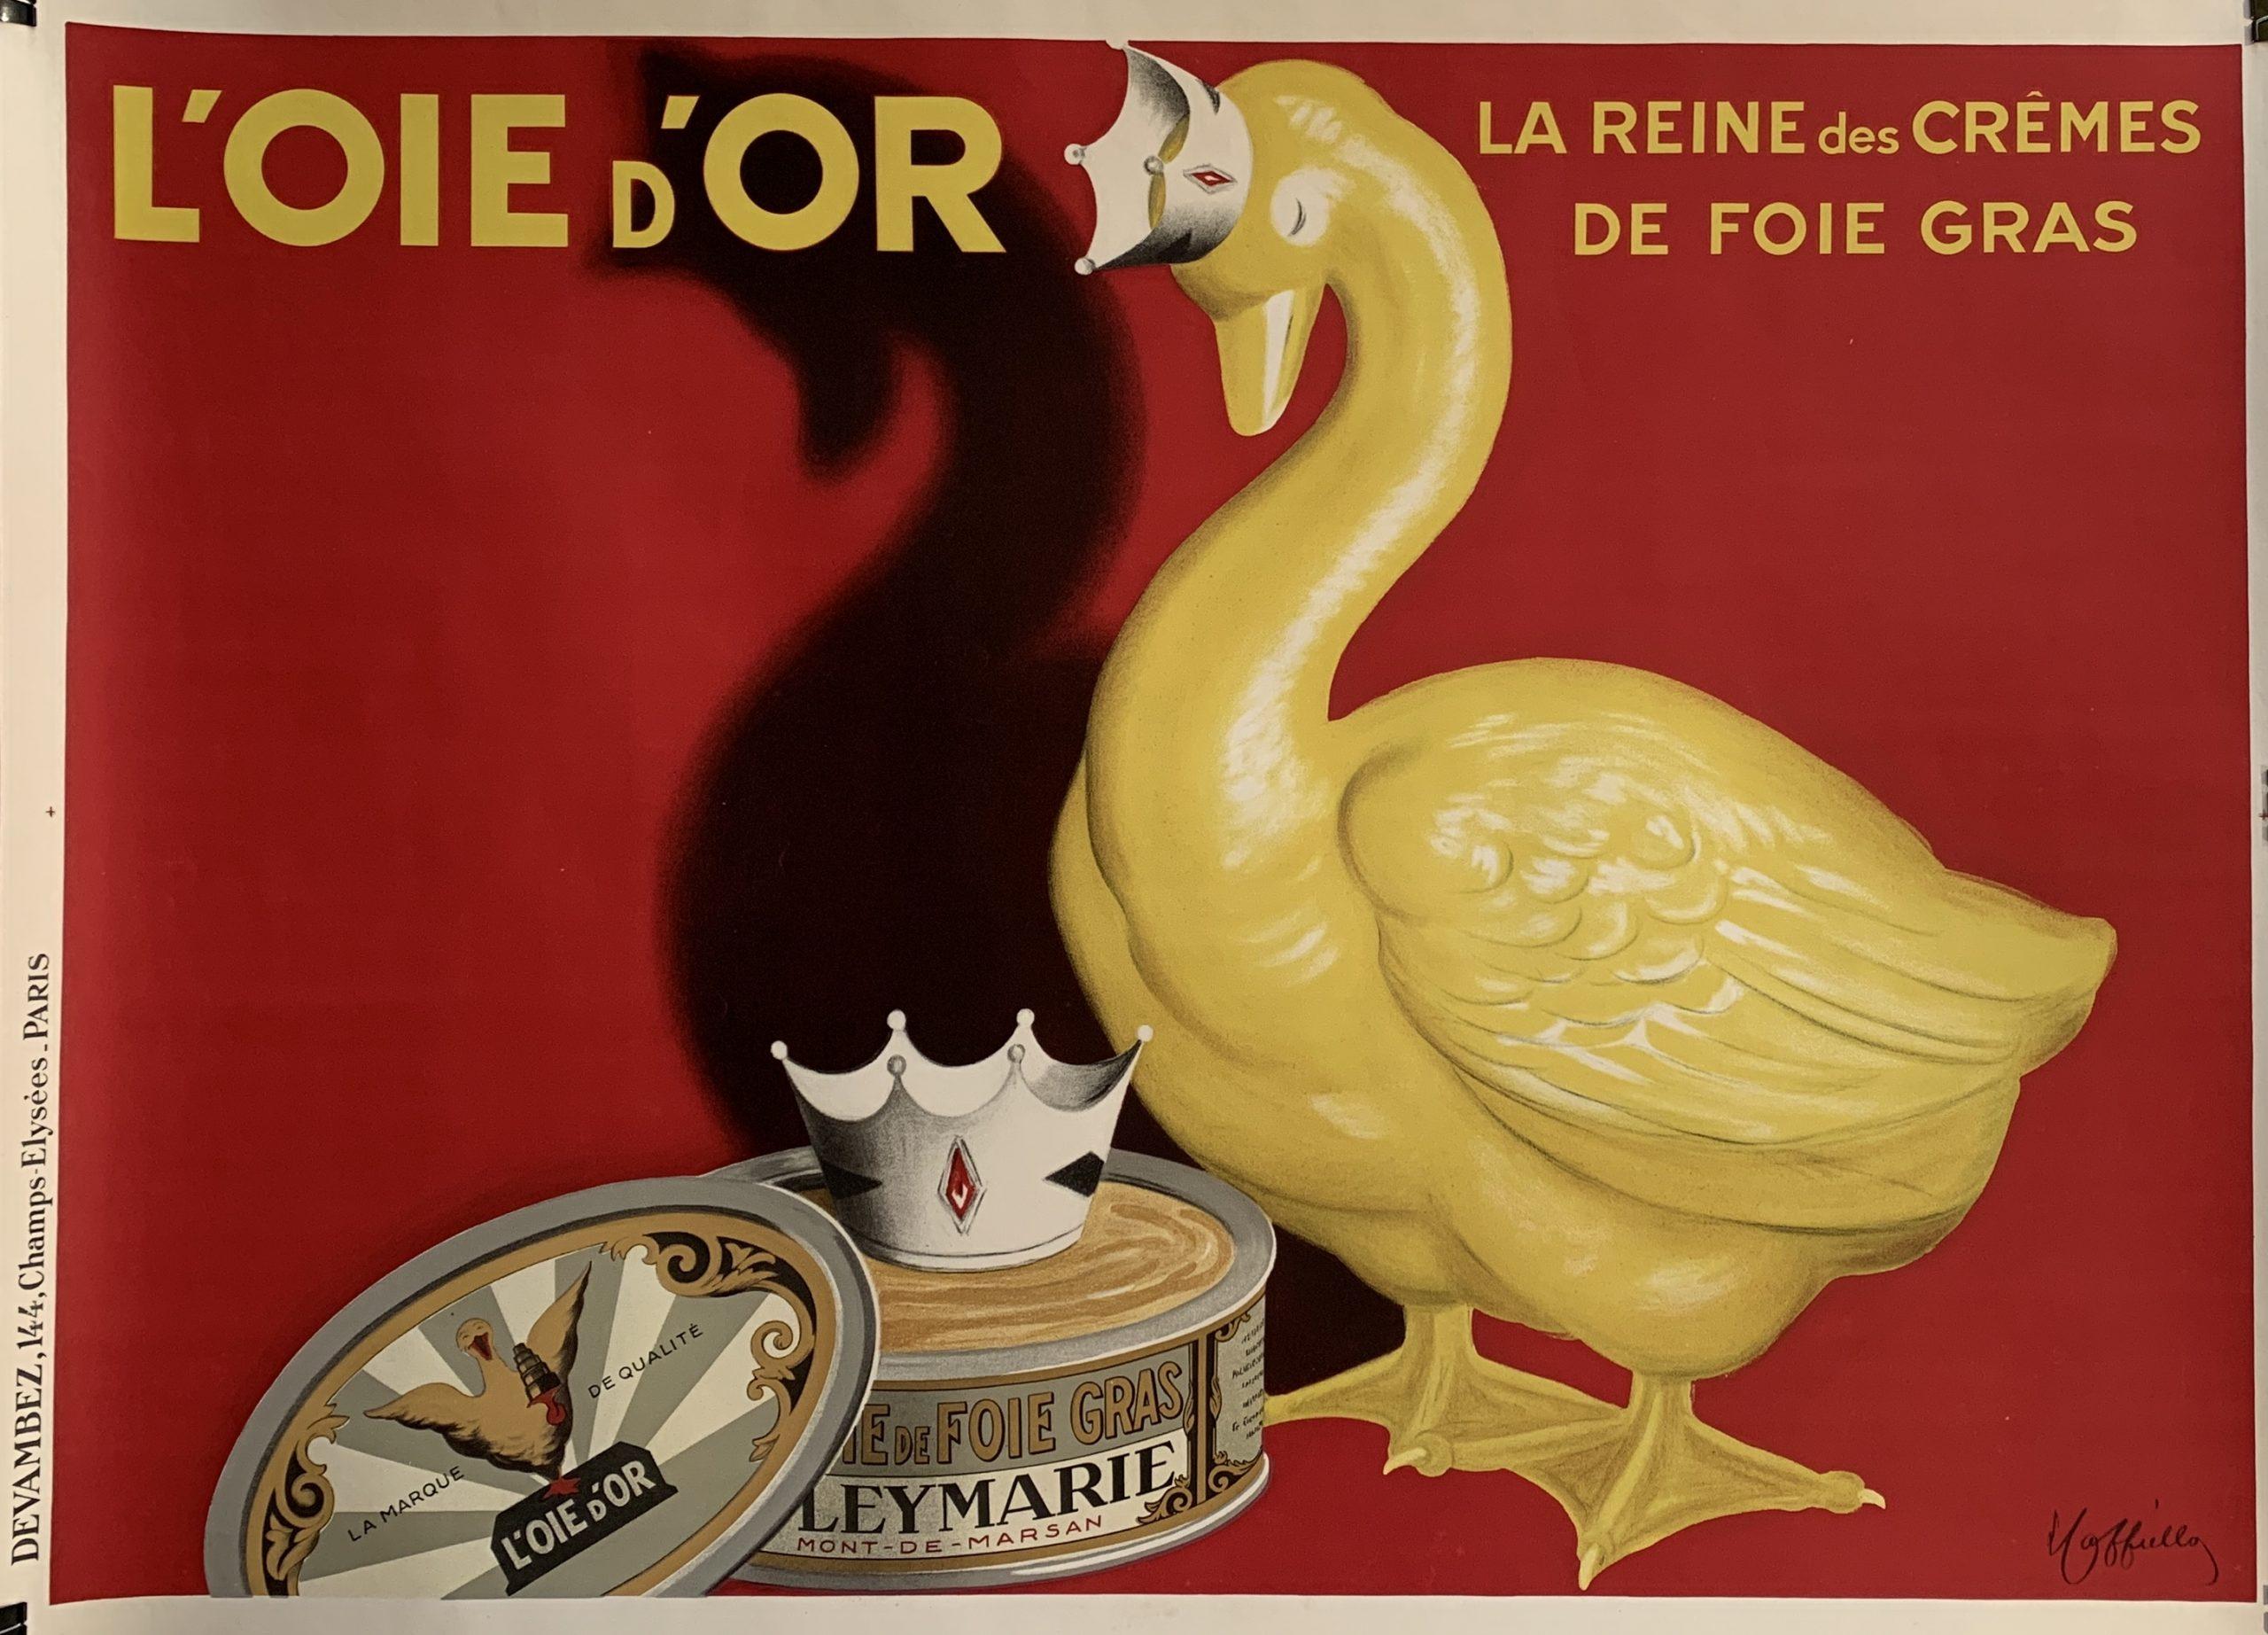 Loie Dor Vintage posters